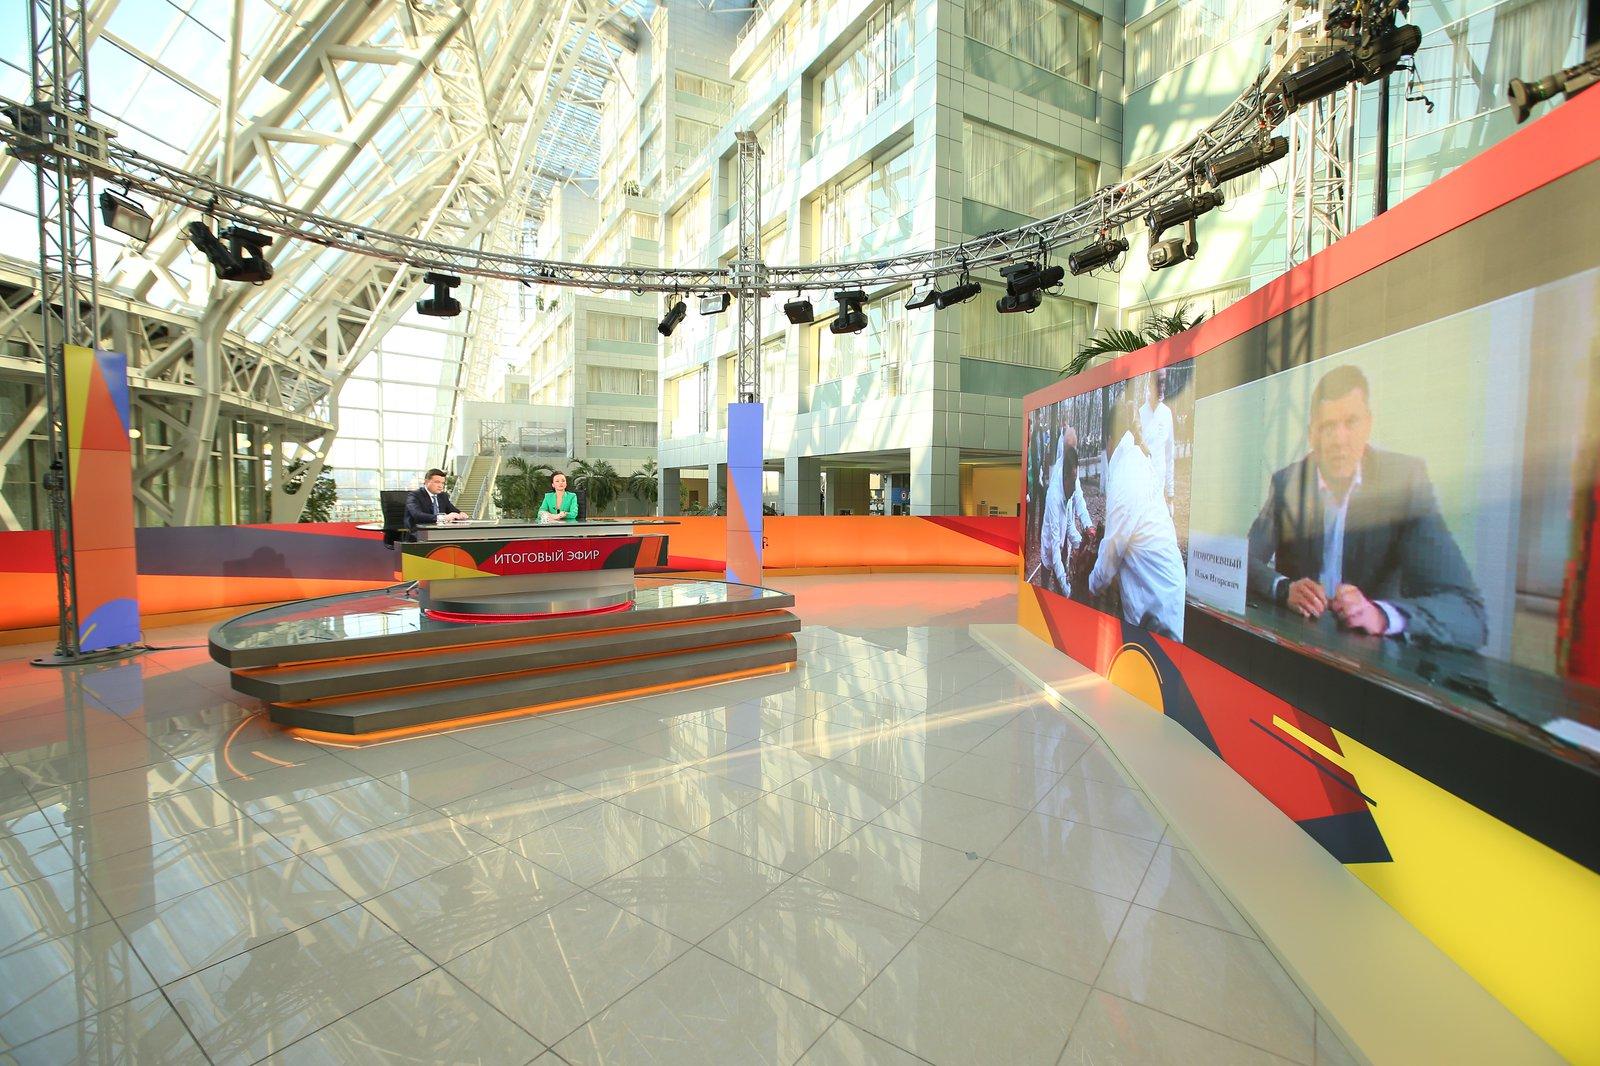 Андрей Воробьев губернатор московской области - Автомобильные заводы, новые путепроводы и школы: подвели итоги апреля в эфире «360°»